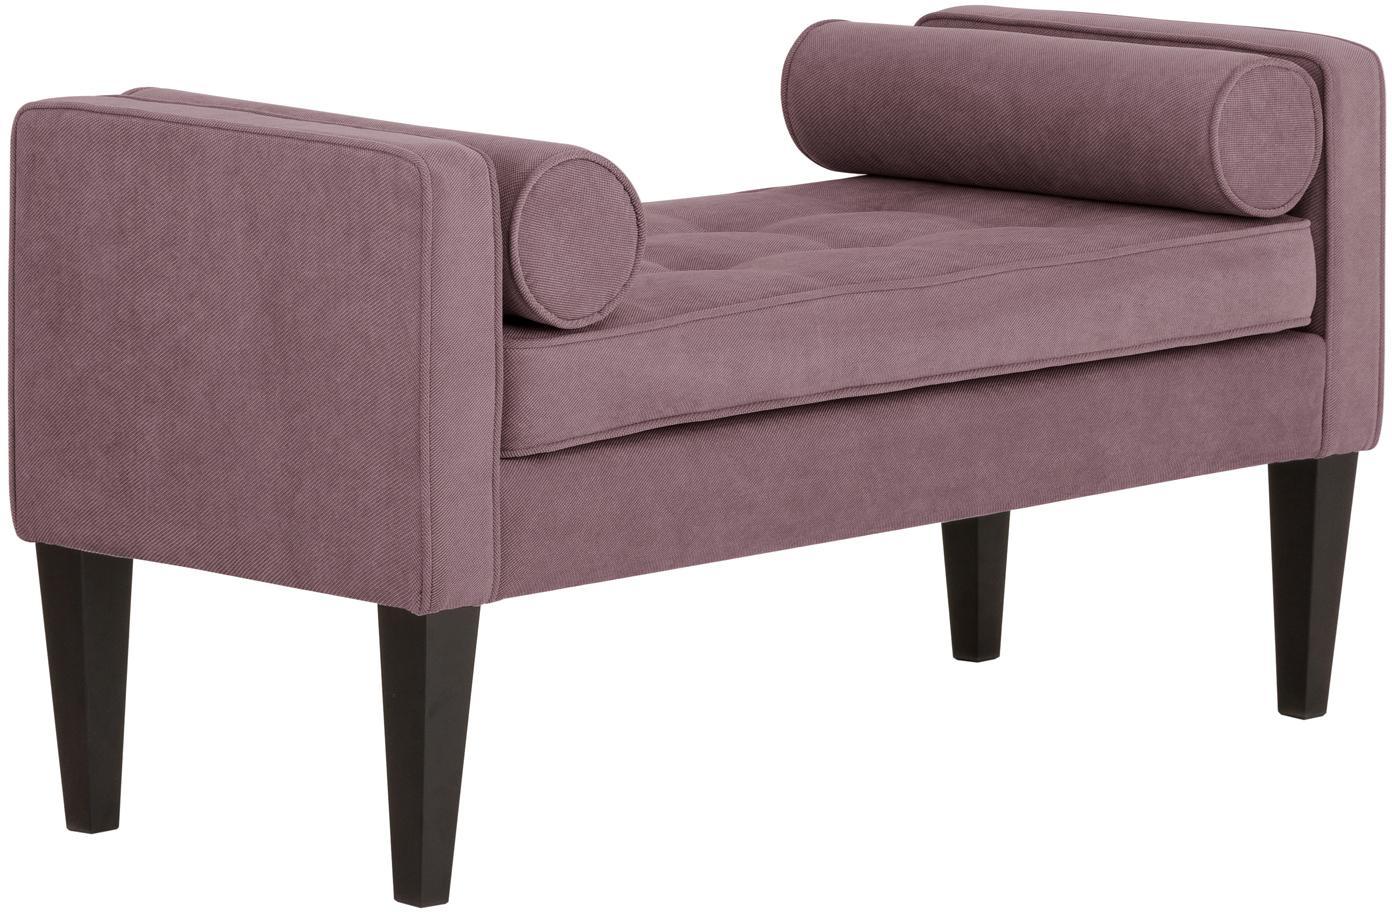 Bettbank Mia mit Kissen, Bezug: 92% Polyester, 8% Nylon, Beine: Birkenholz, lackiert, Bezug: Pflaume<br>Beine: Schwarz, 115 x 61 cm